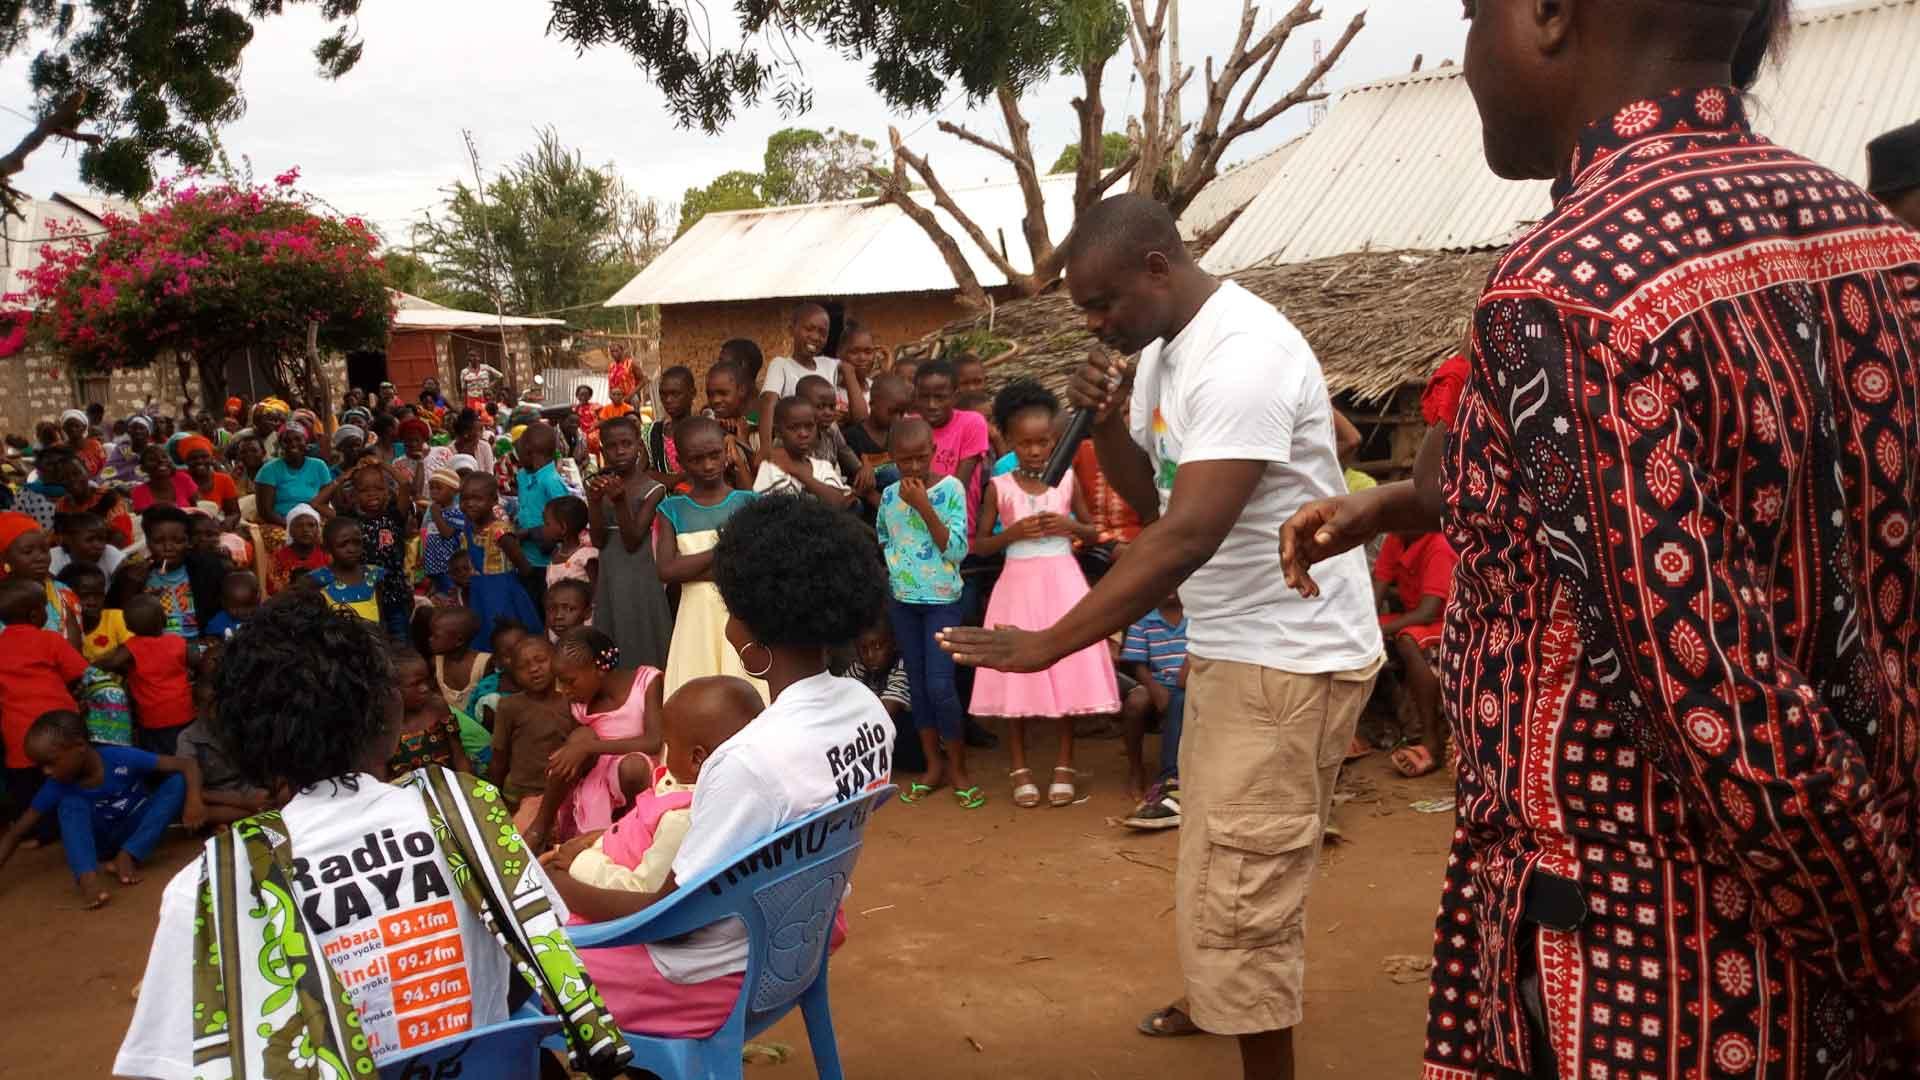 BMU Initiative by Radio Kaya